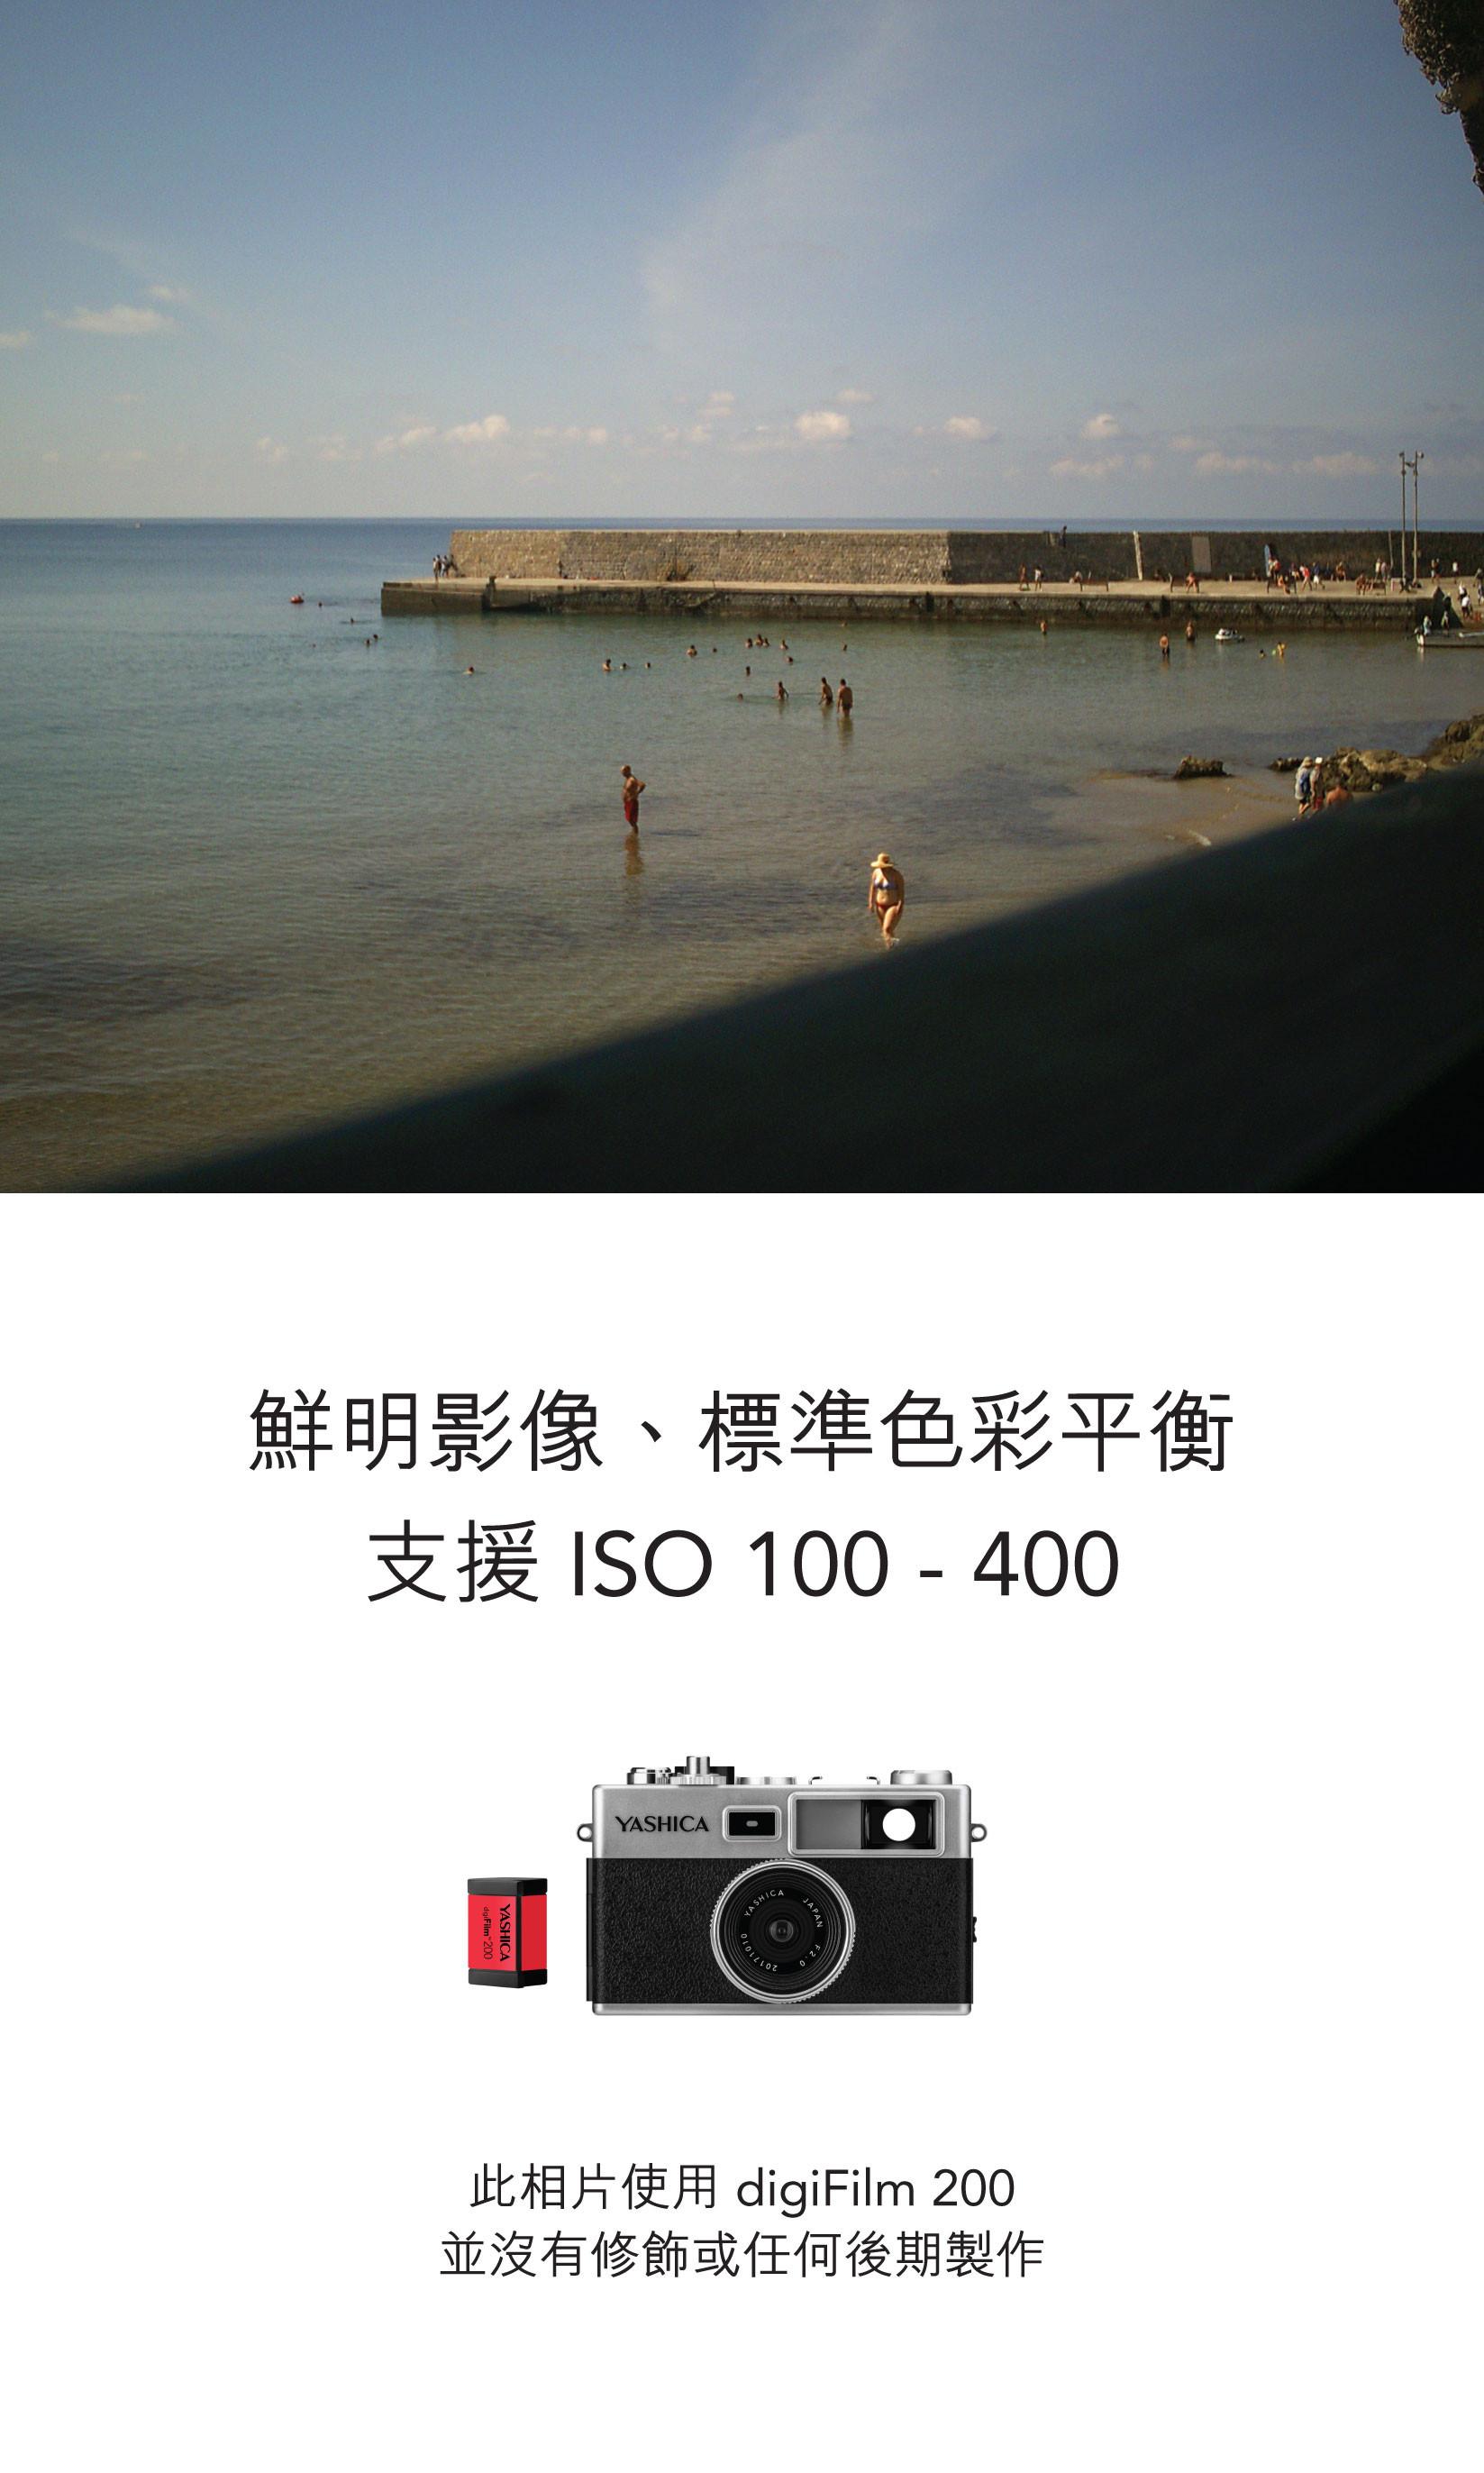 JD-Y35-HK_part-1-20.jpg